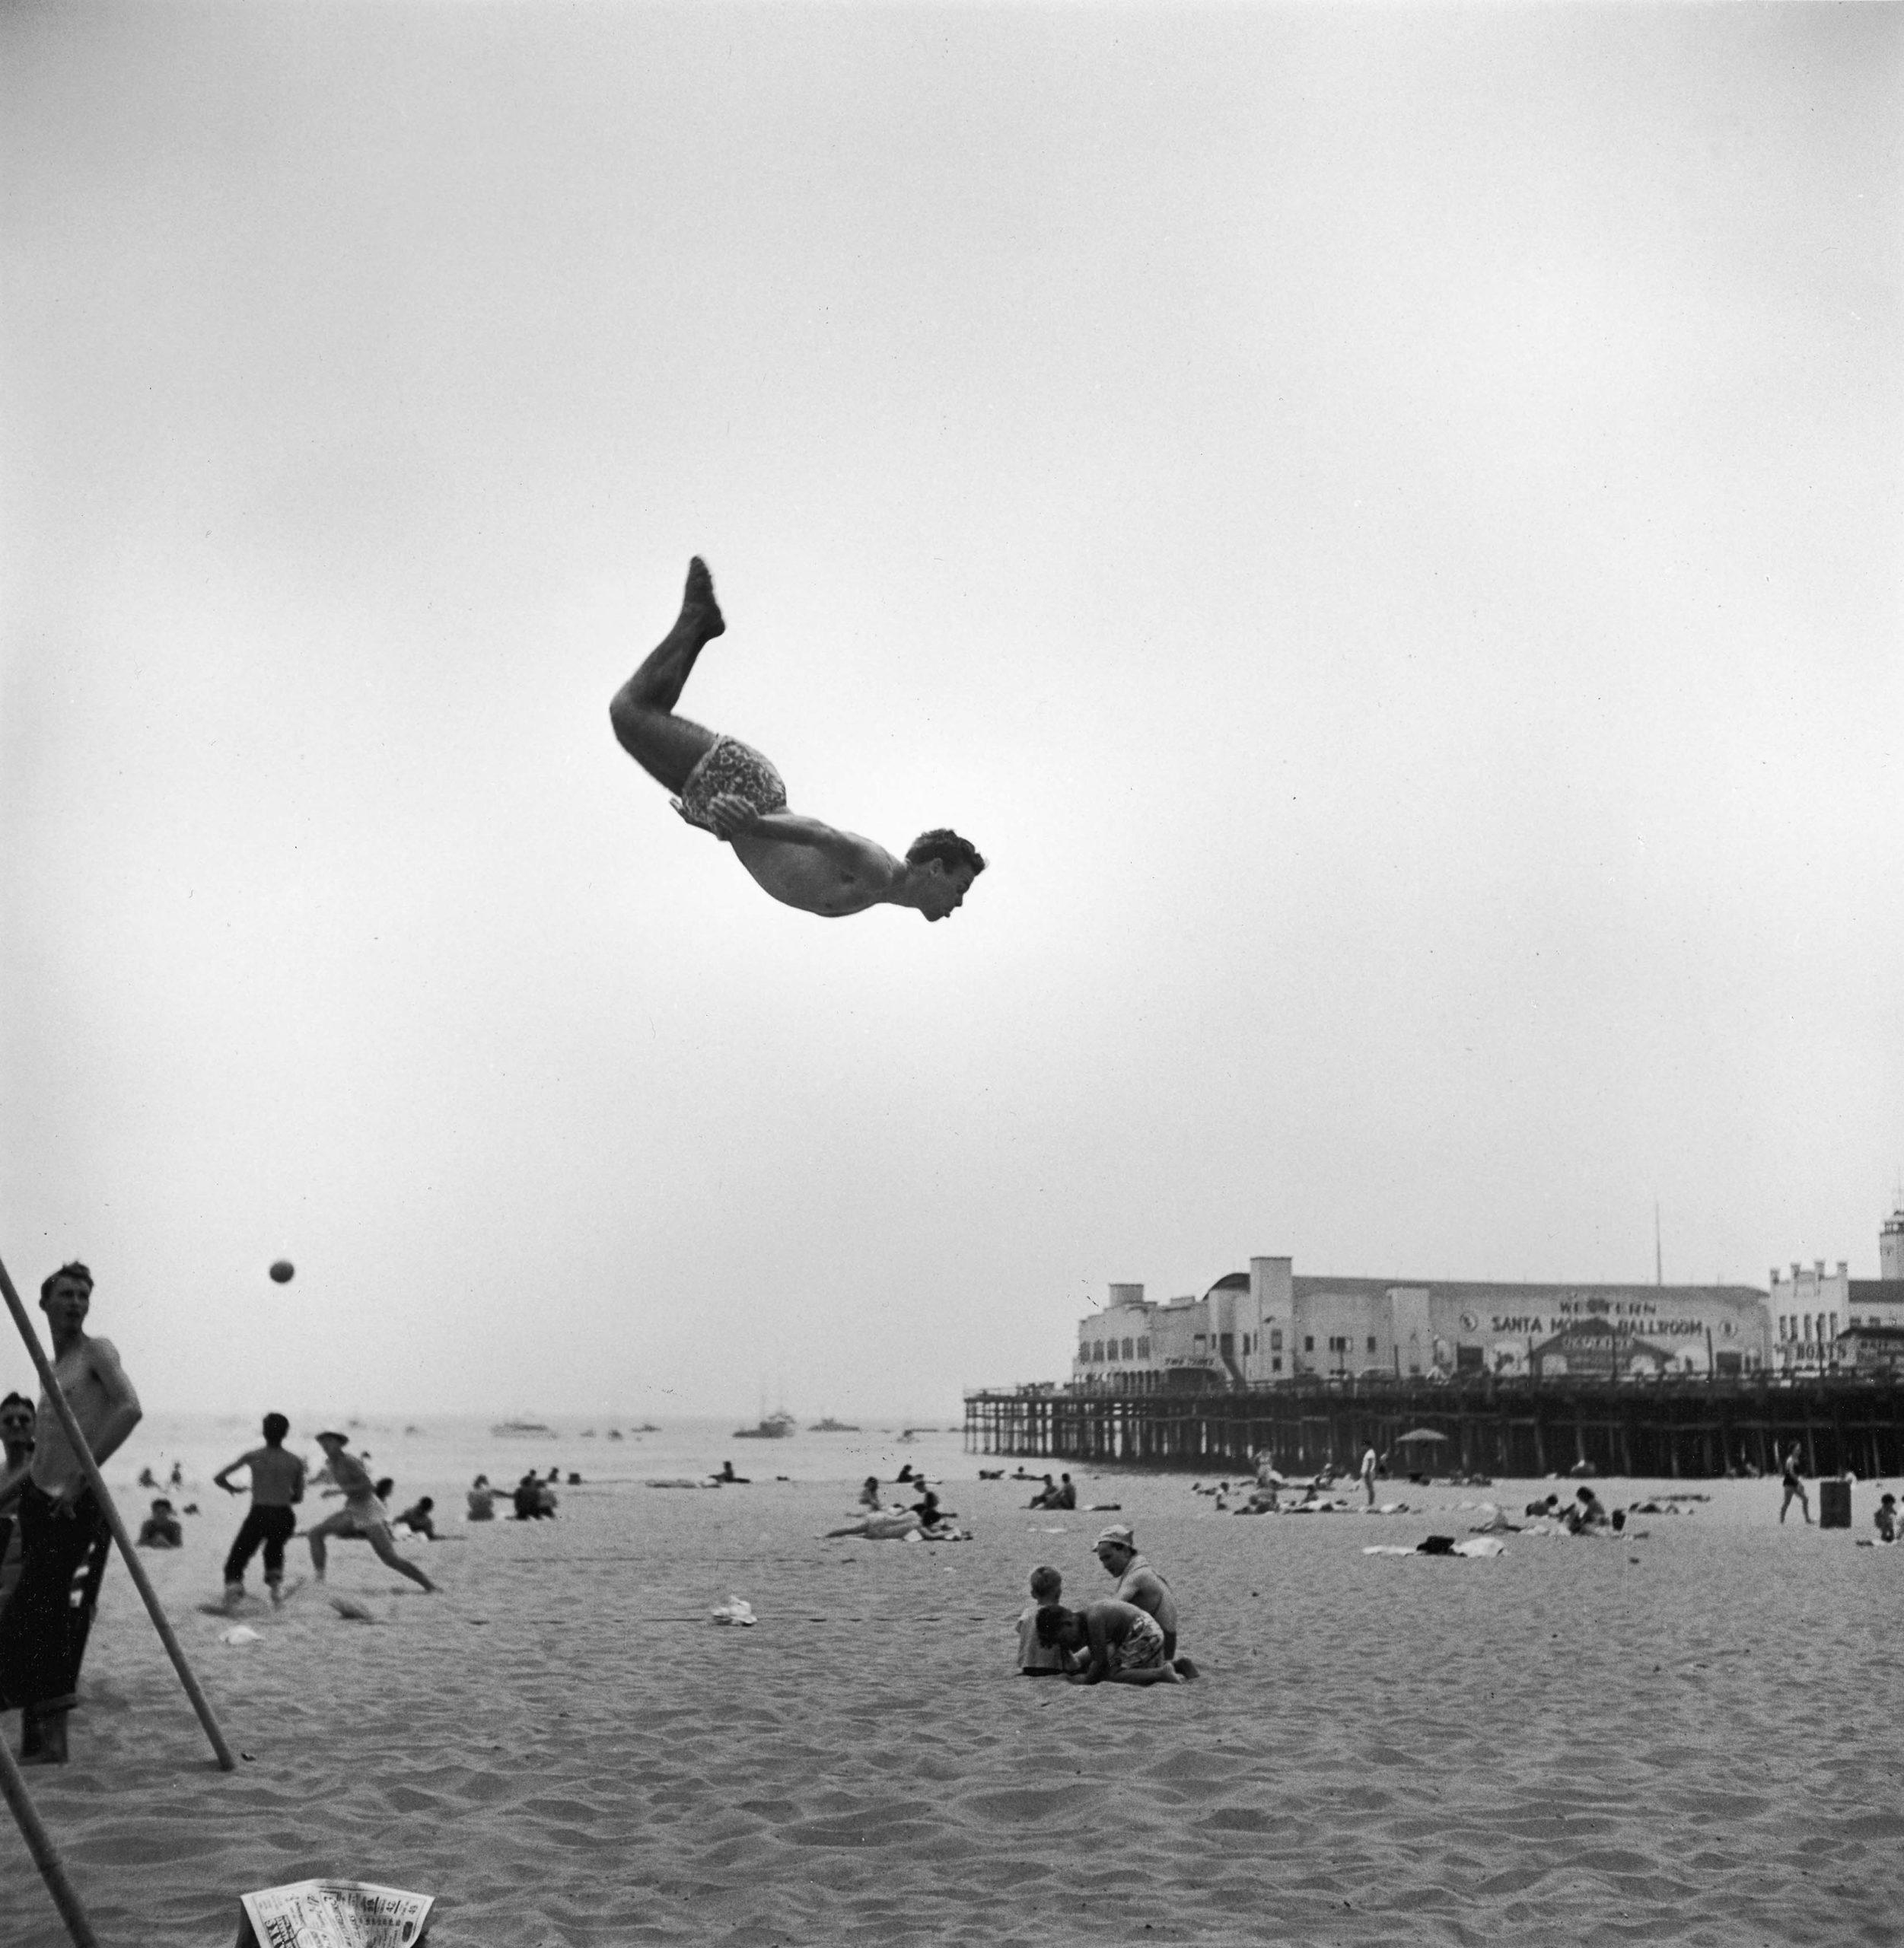 Loomis Dean, Fun at the Beach, 1948